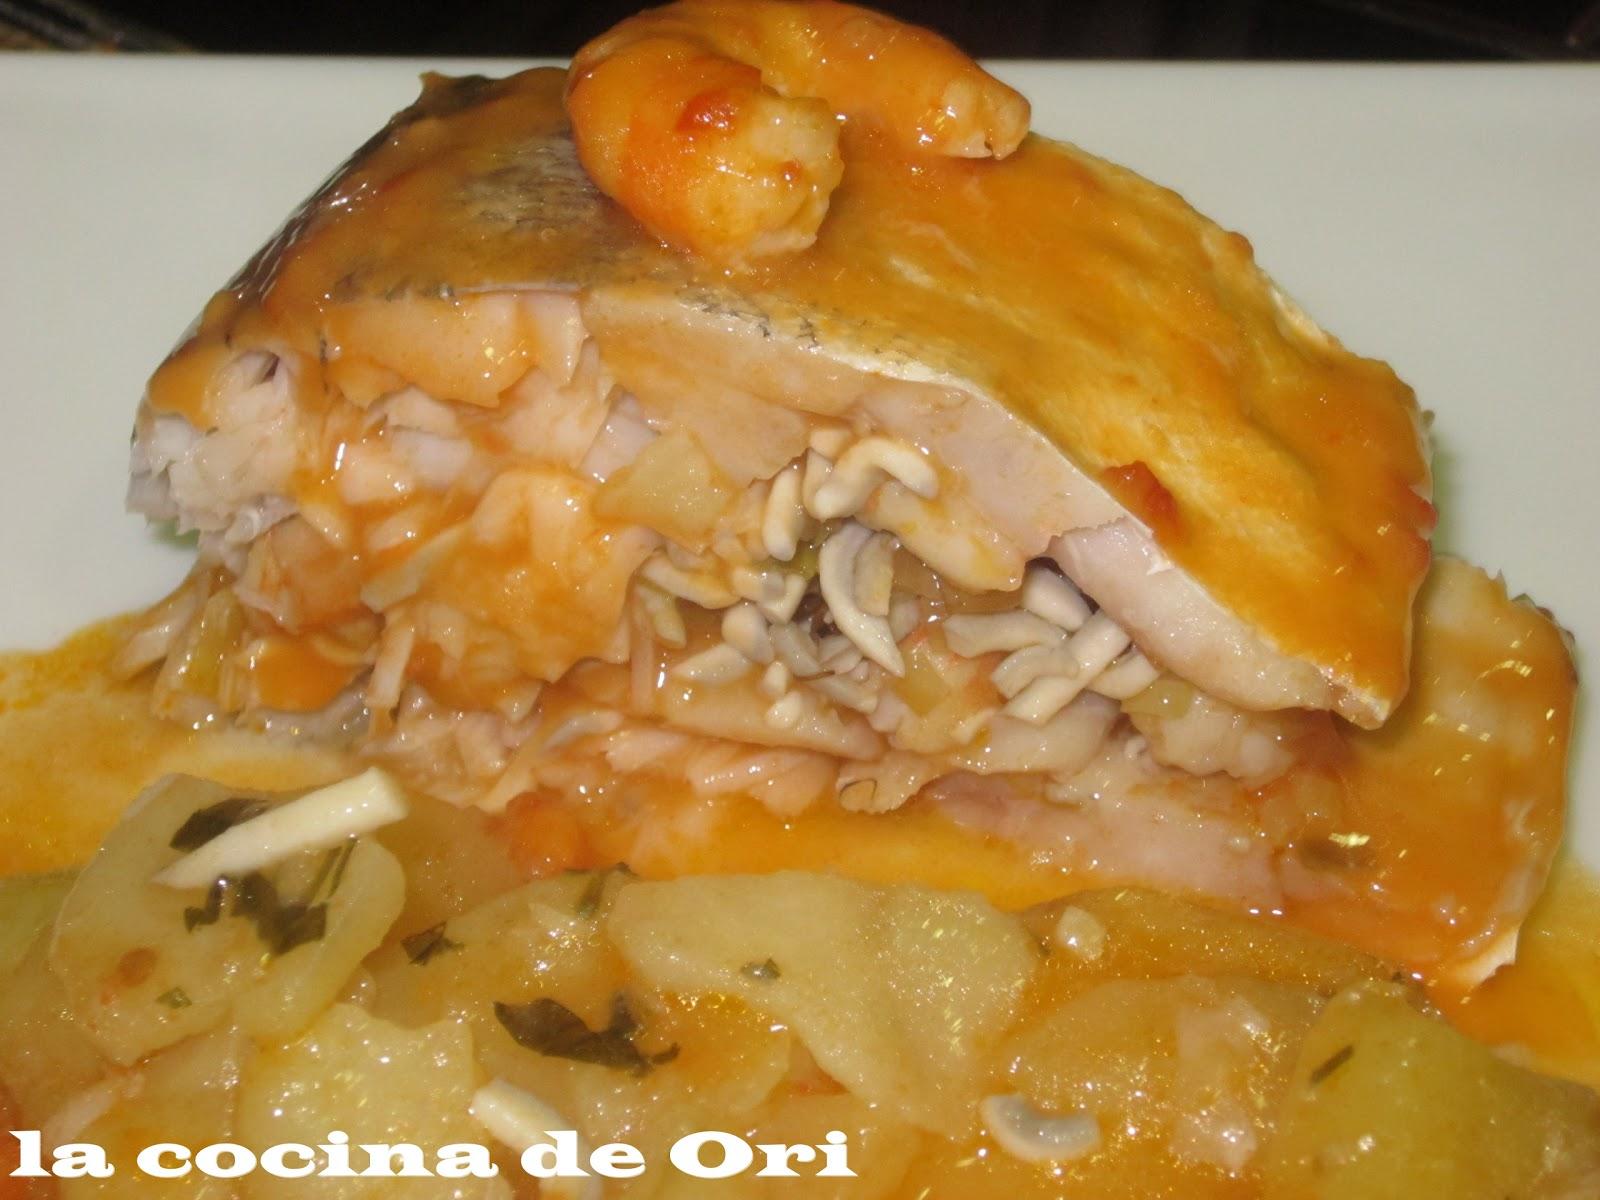 La cocina de ori merluza rellena de gambas y gulas - Merluza rellena de marisco al horno ...